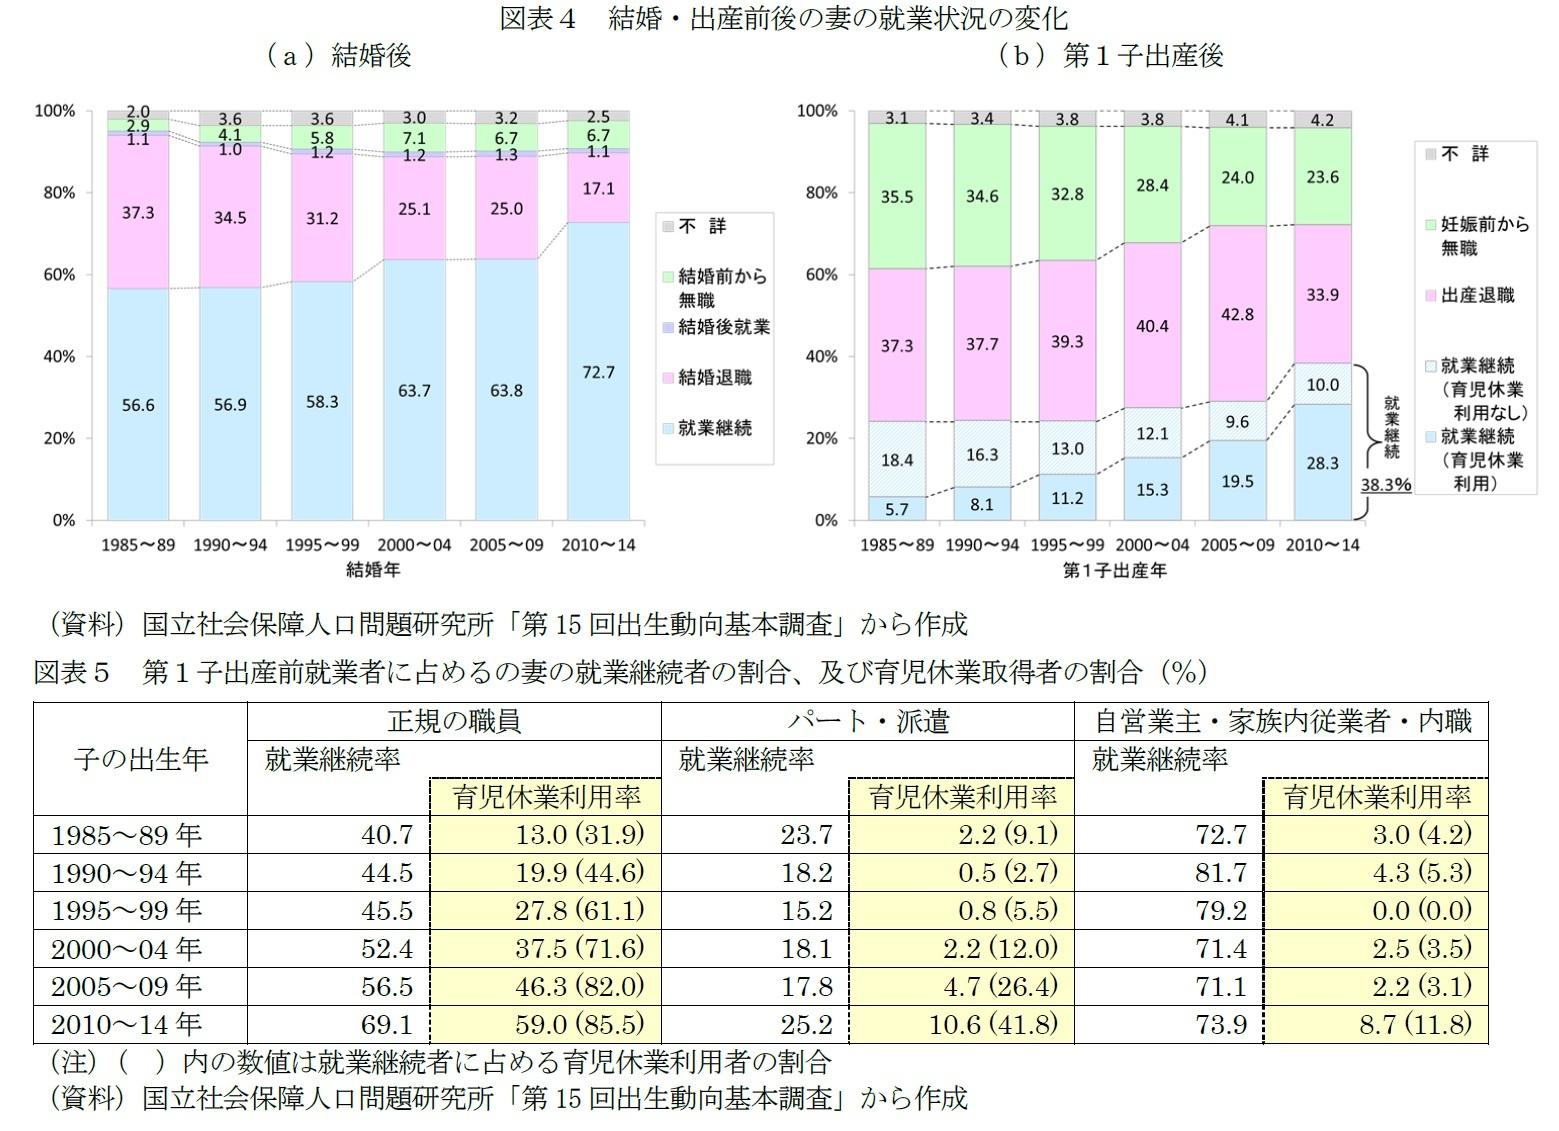 図表4 結婚・出産前後の妻の就業状況の変化/図表5 第1子出産前就業者に占めるの妻の就業継続者の割合、及び育児休業取得者の割合(%)